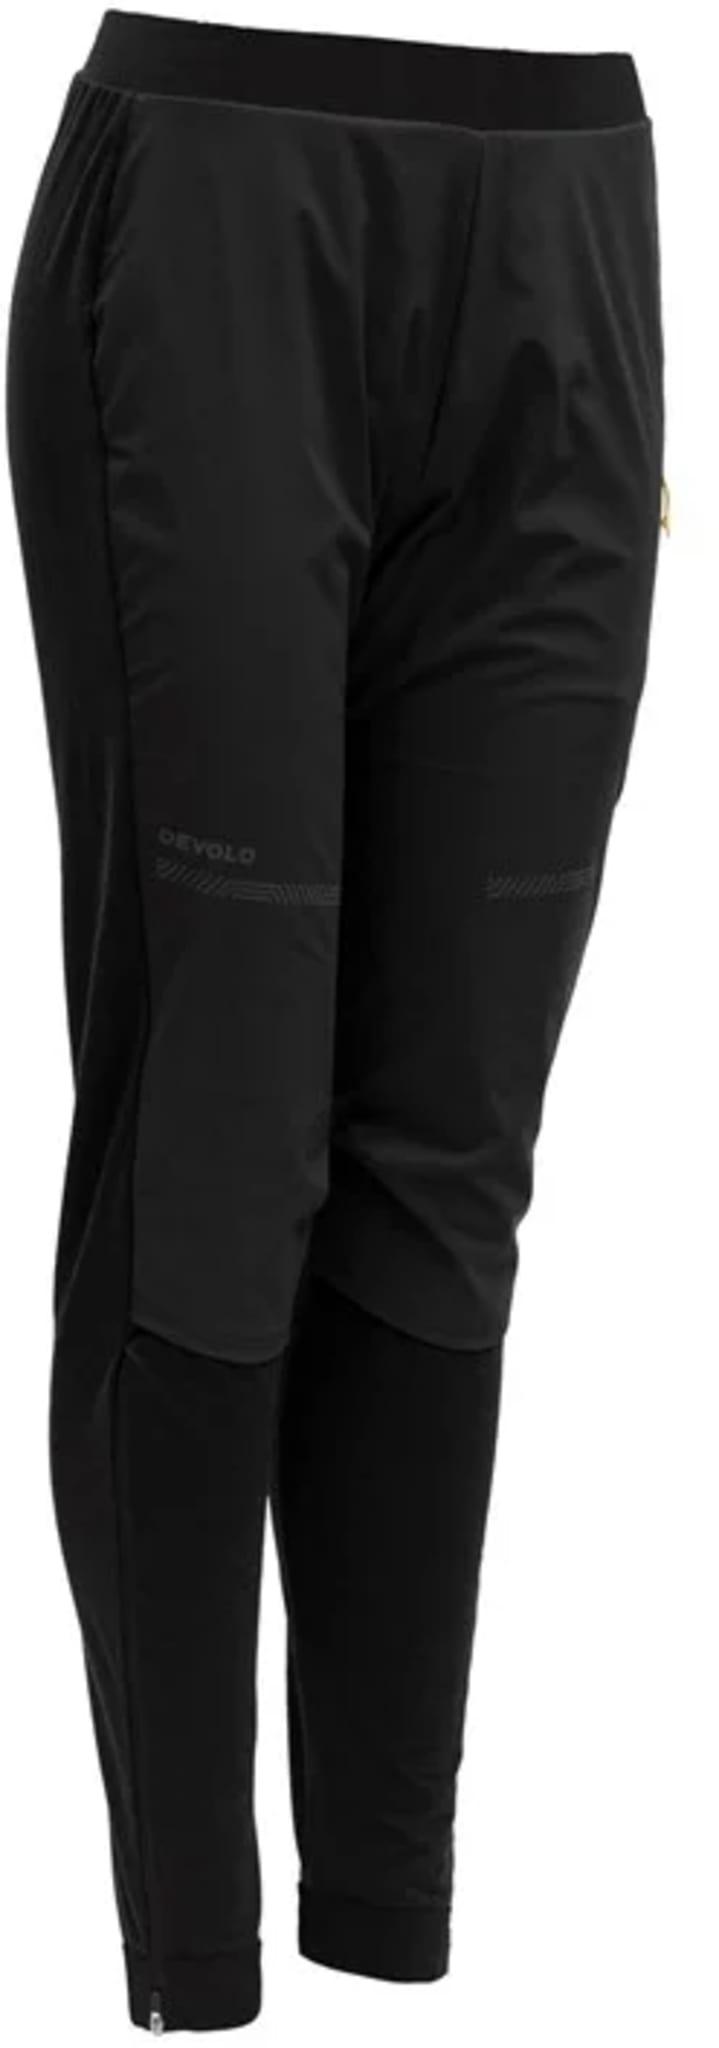 Devold® Running Cover beskytter mot vær og vind og lar deg utvide løpesesongen til hele året.